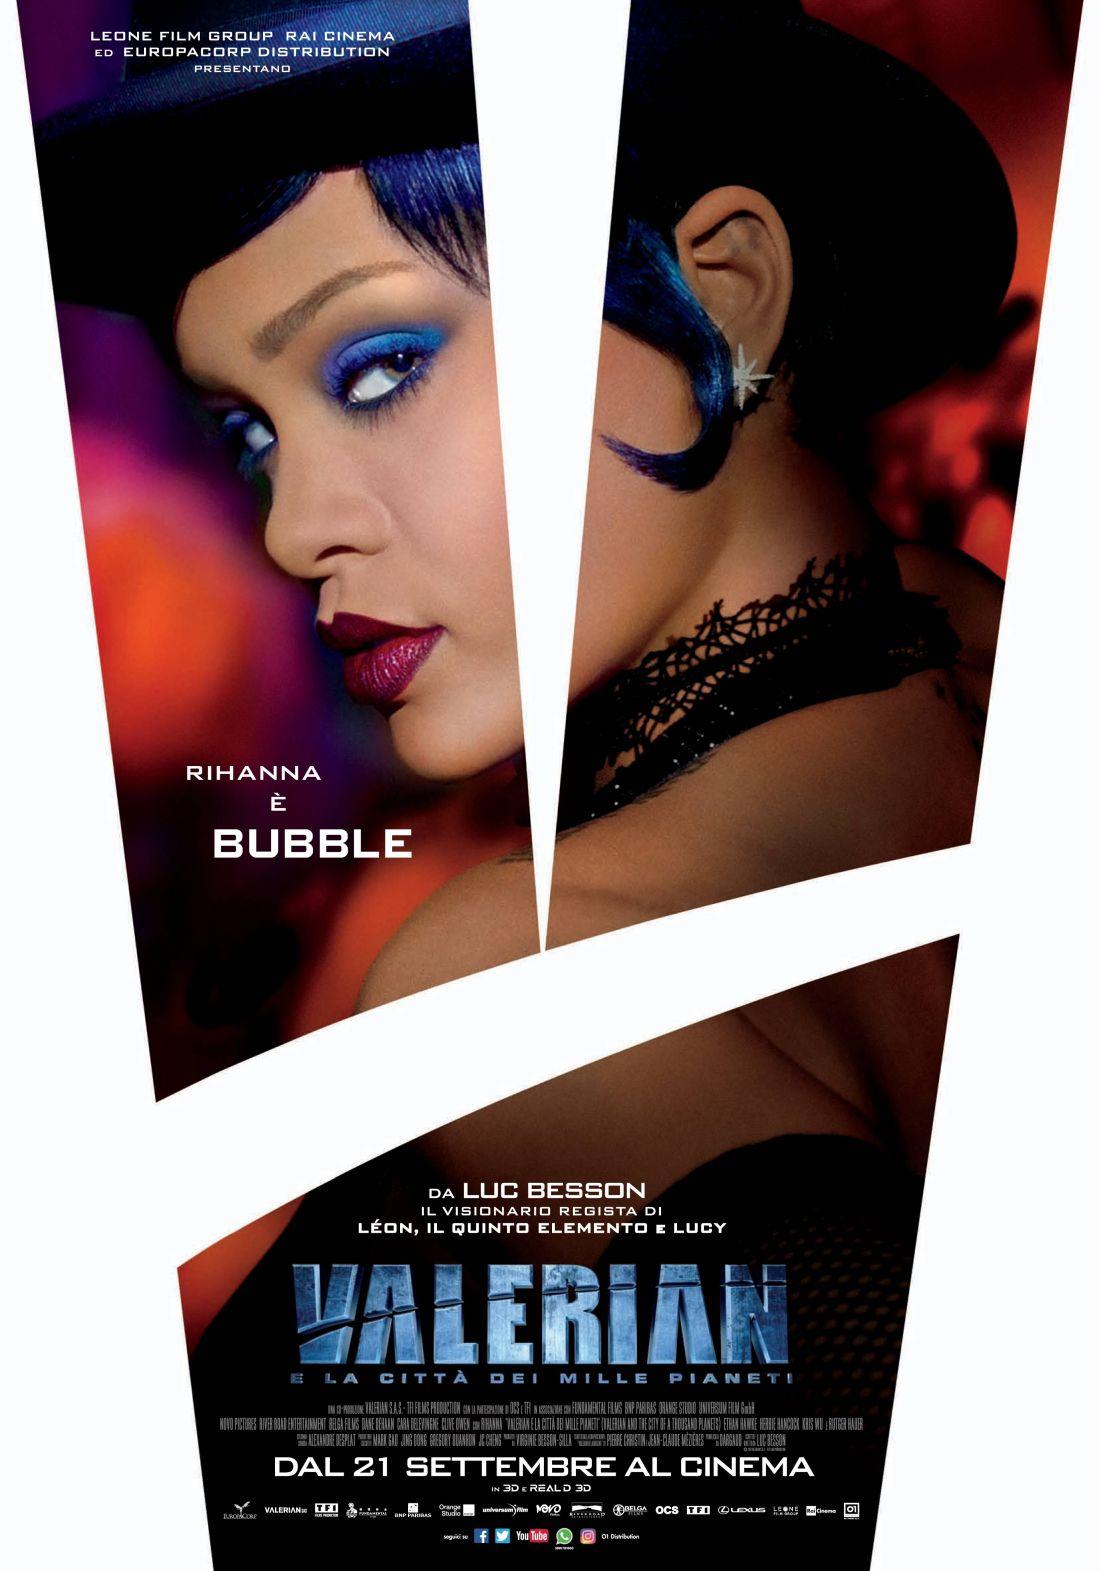 Valerian e la città dei mille pianeti: il character poster di Rihanna